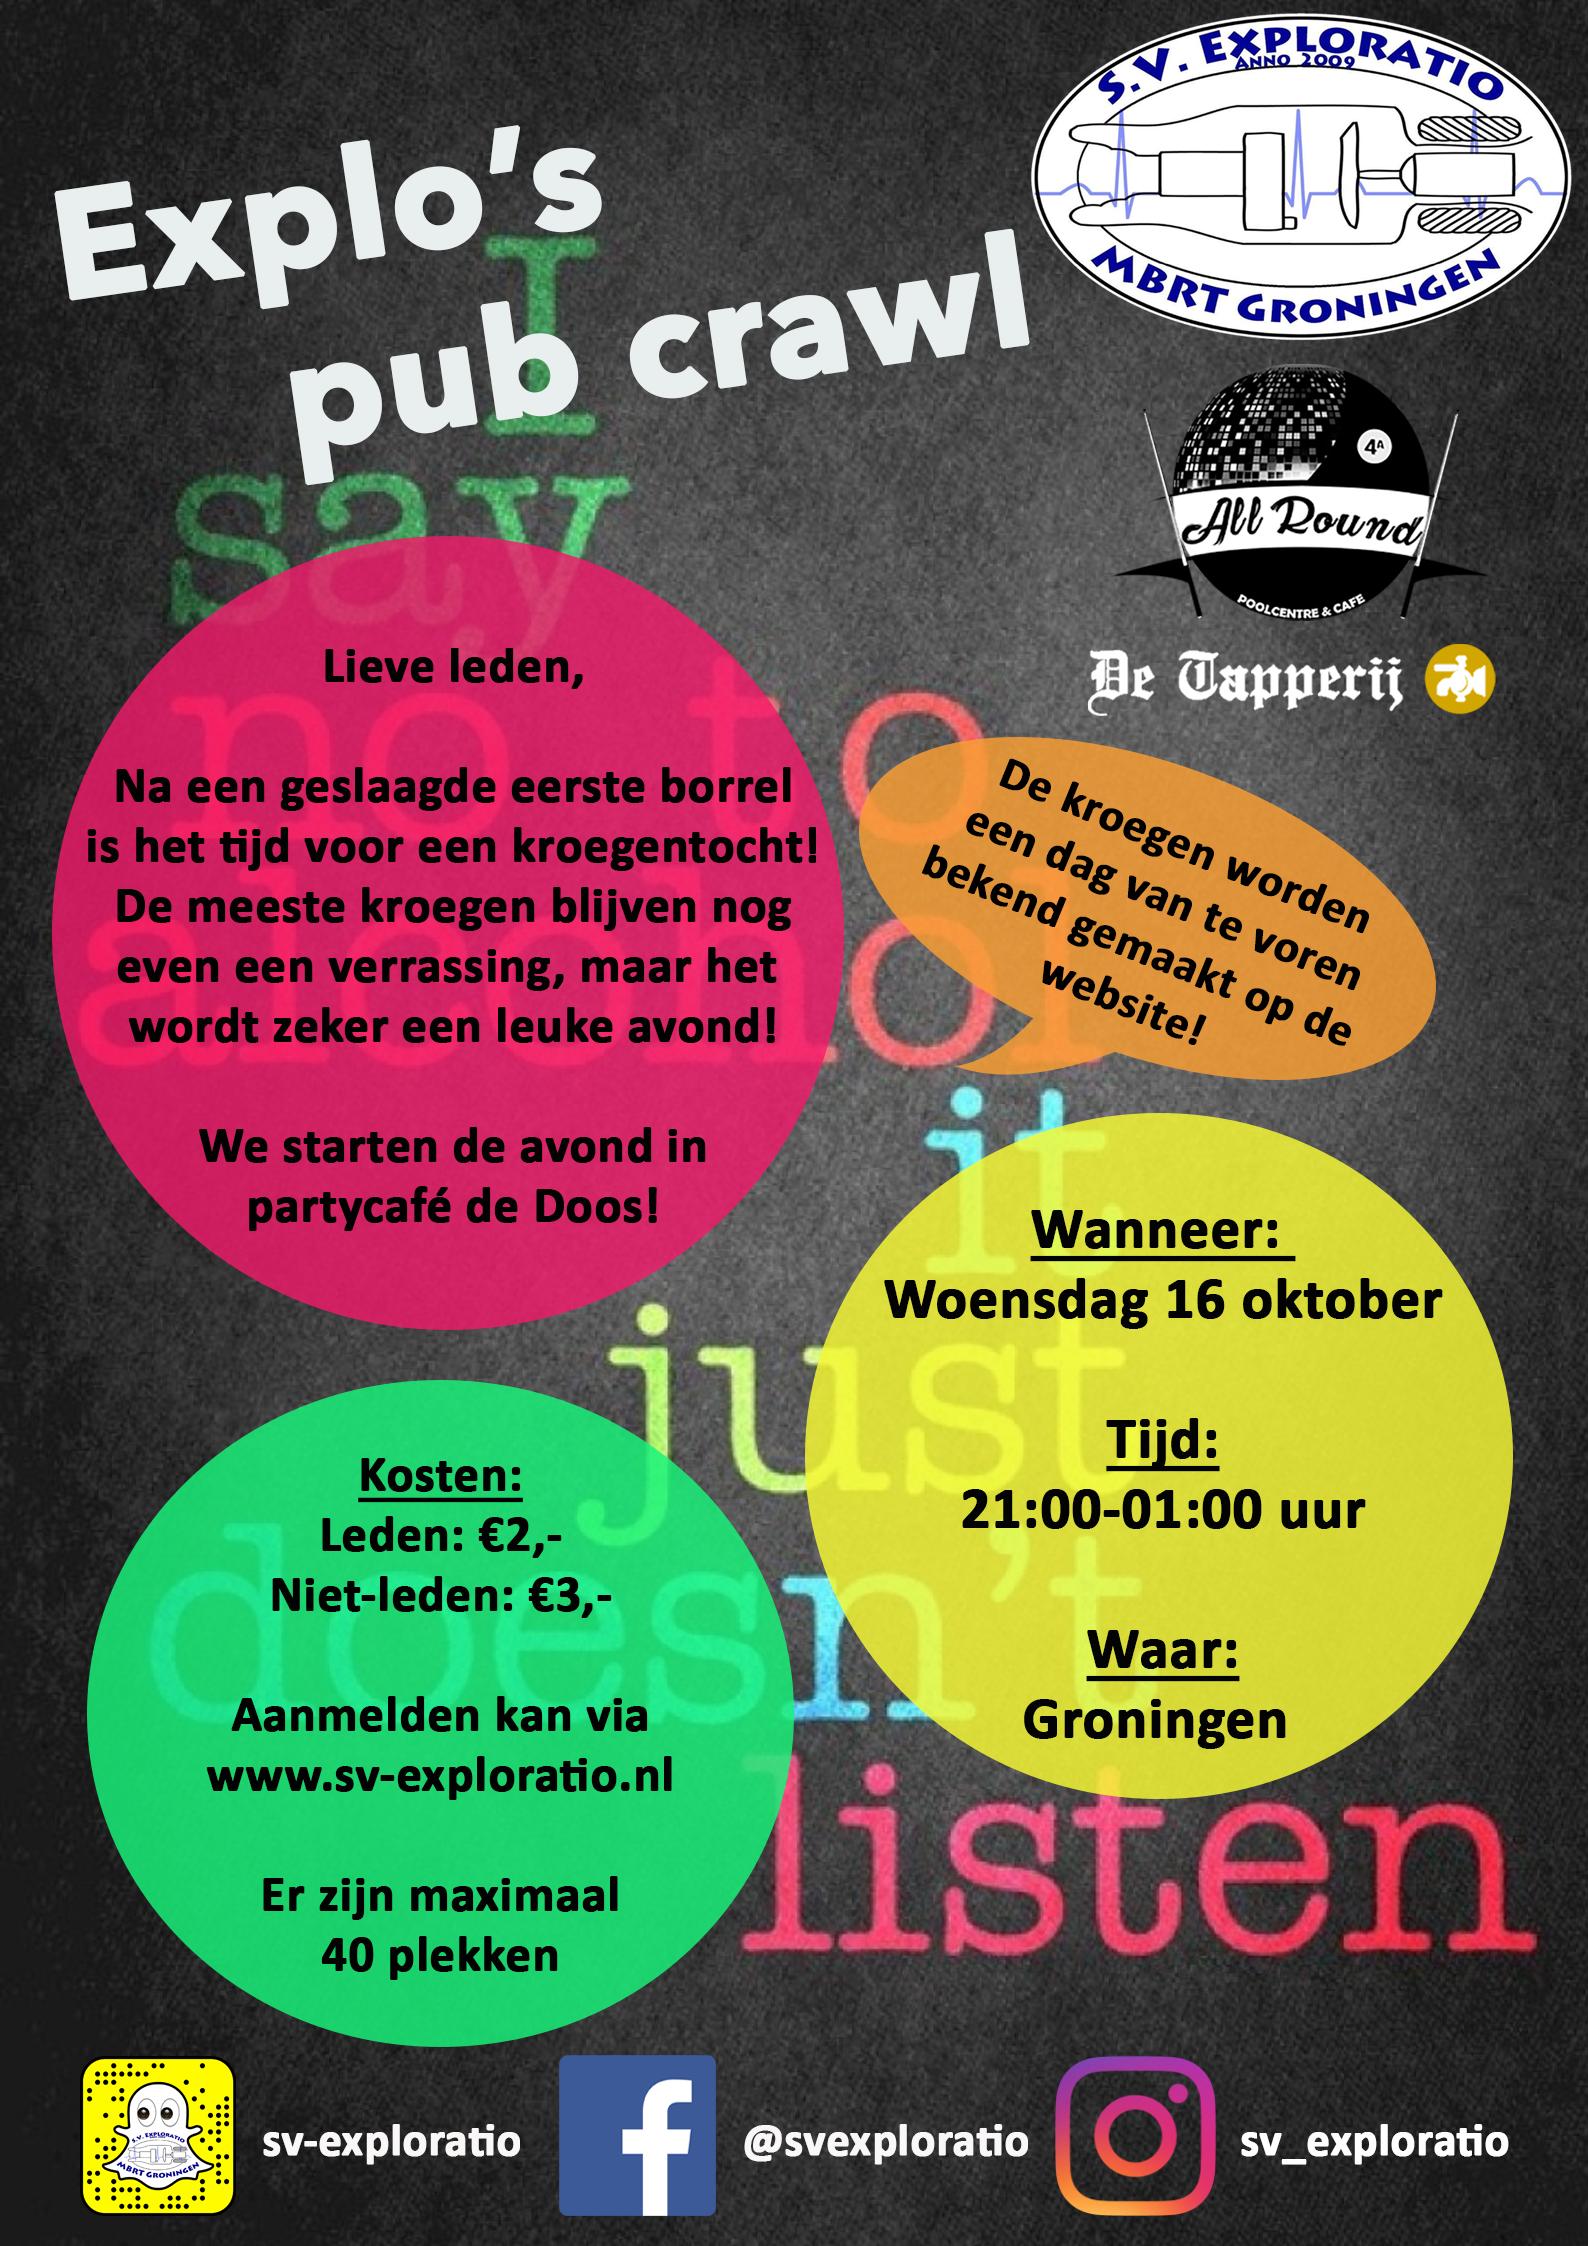 Explo's pub crawl